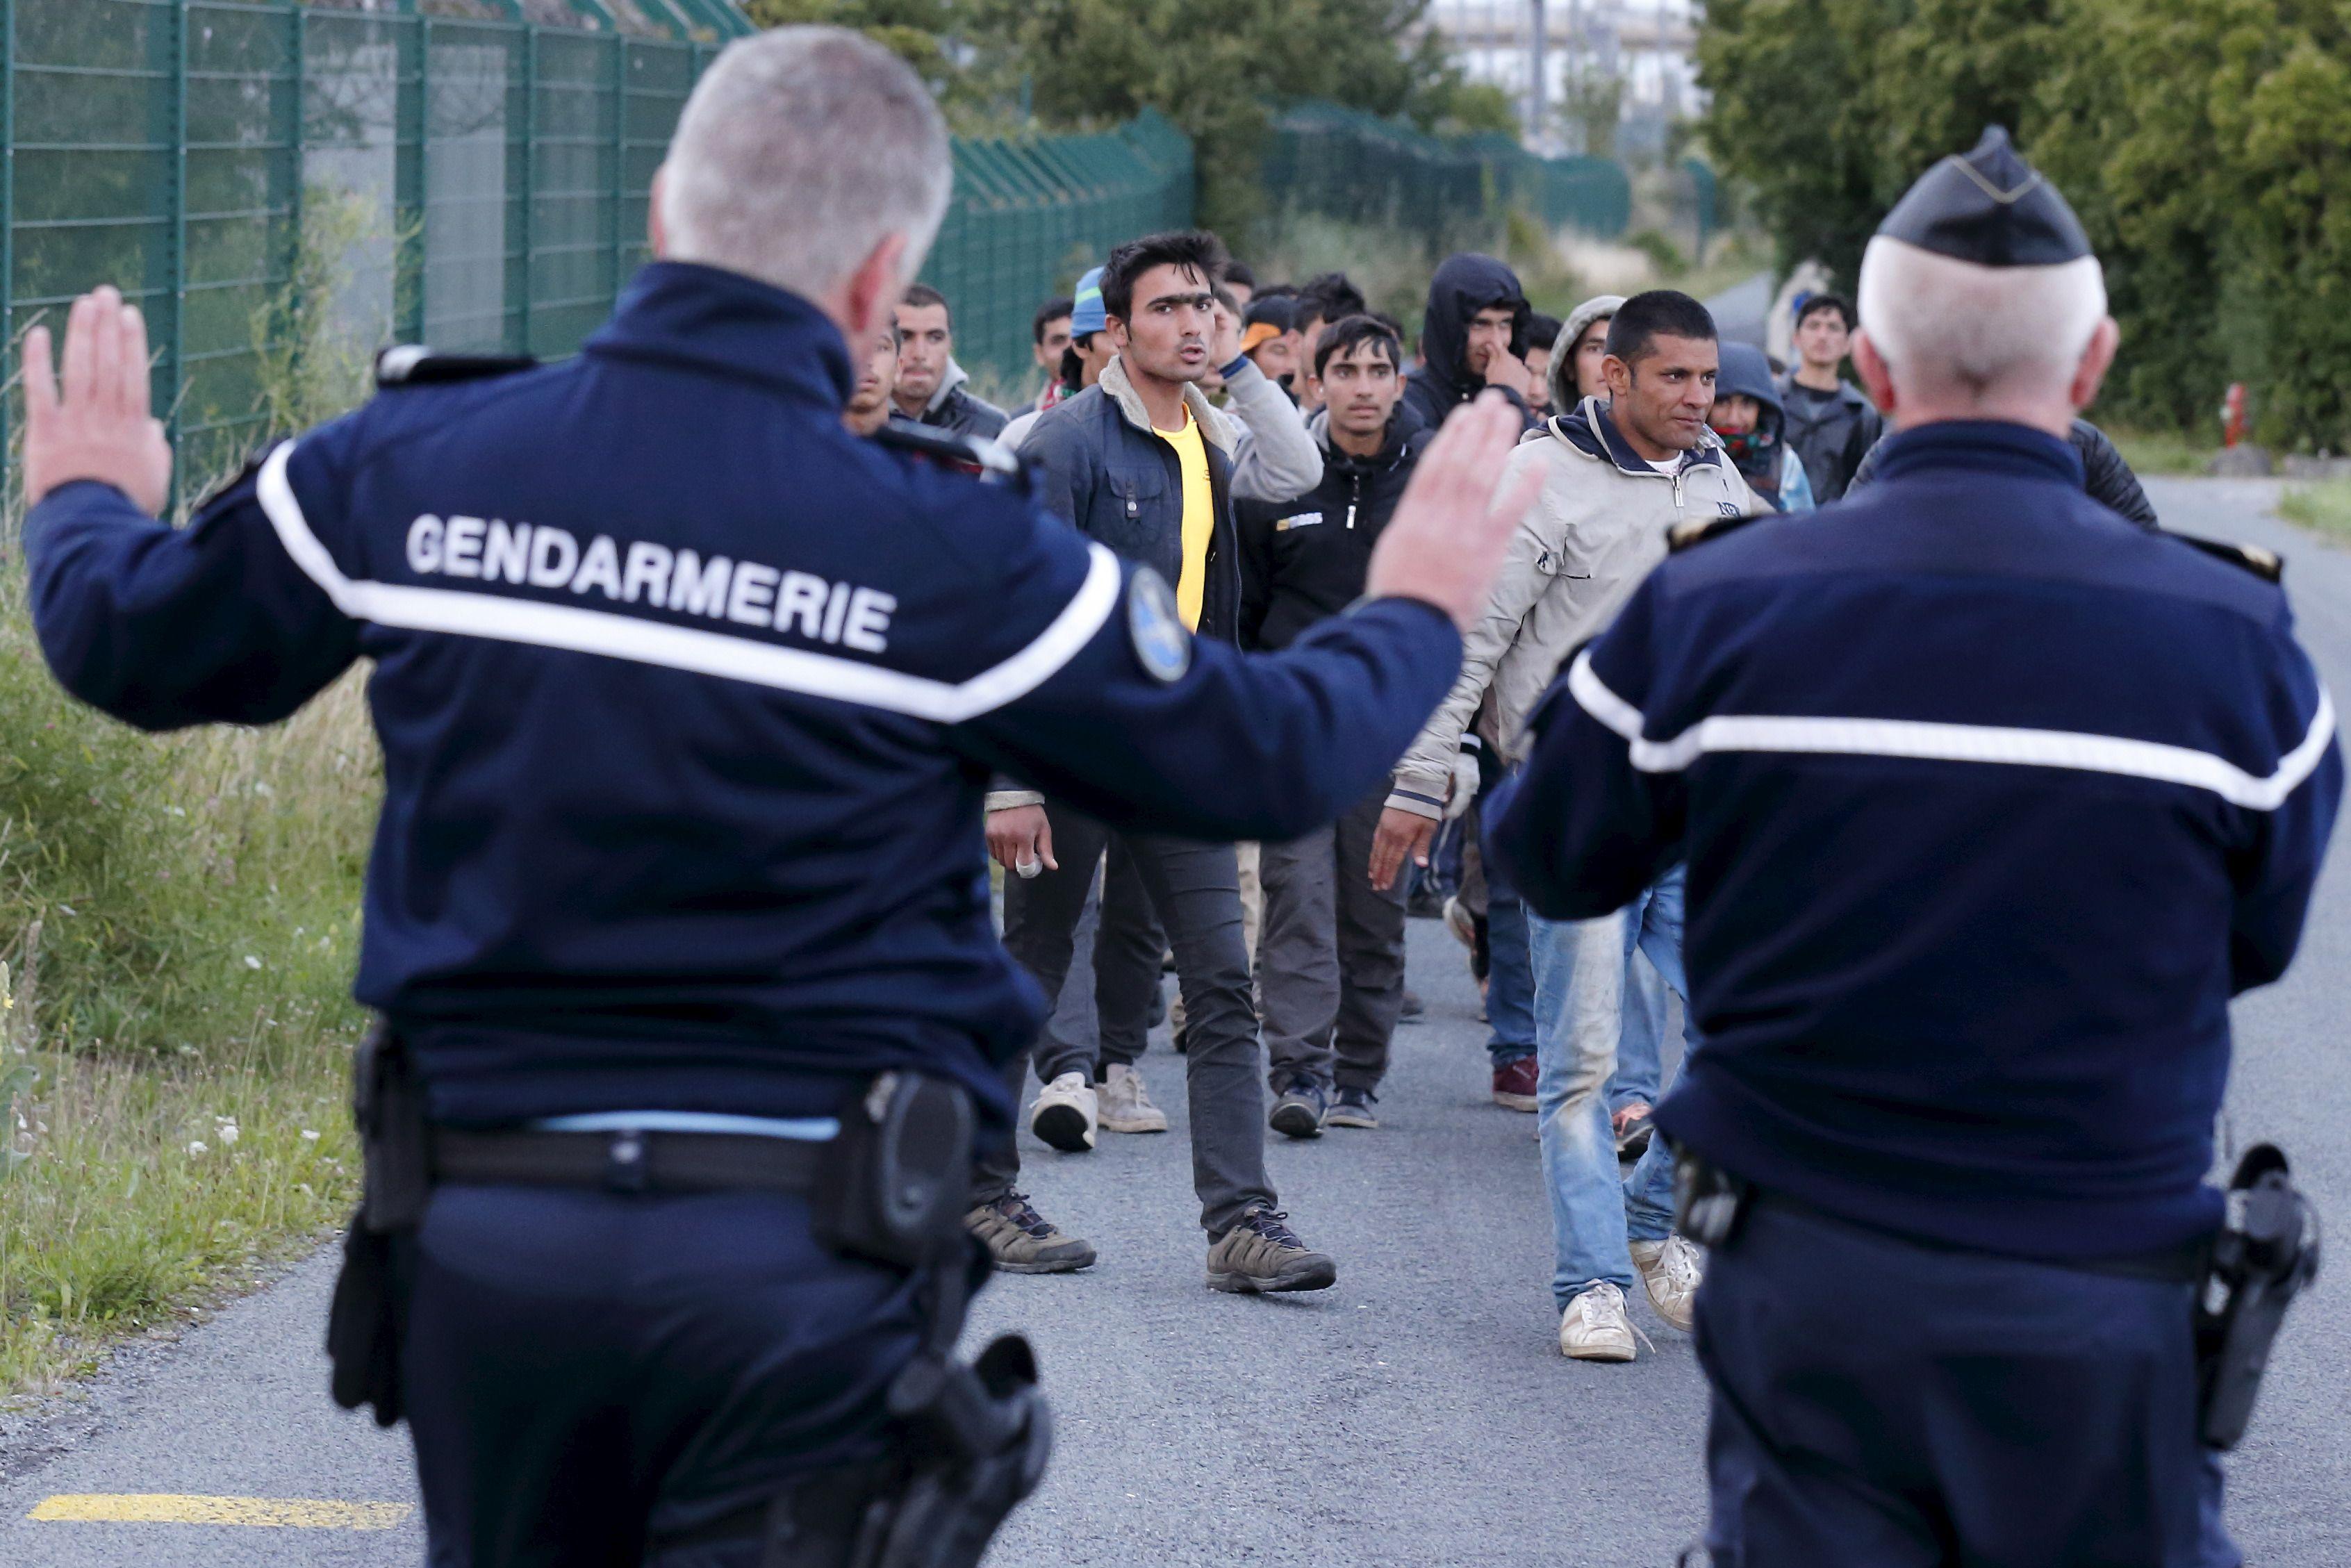 """Le ministre de l'Intérieur a évoqué """"tous ces groupes qui appellent à la tension, à la division et à la violence""""."""